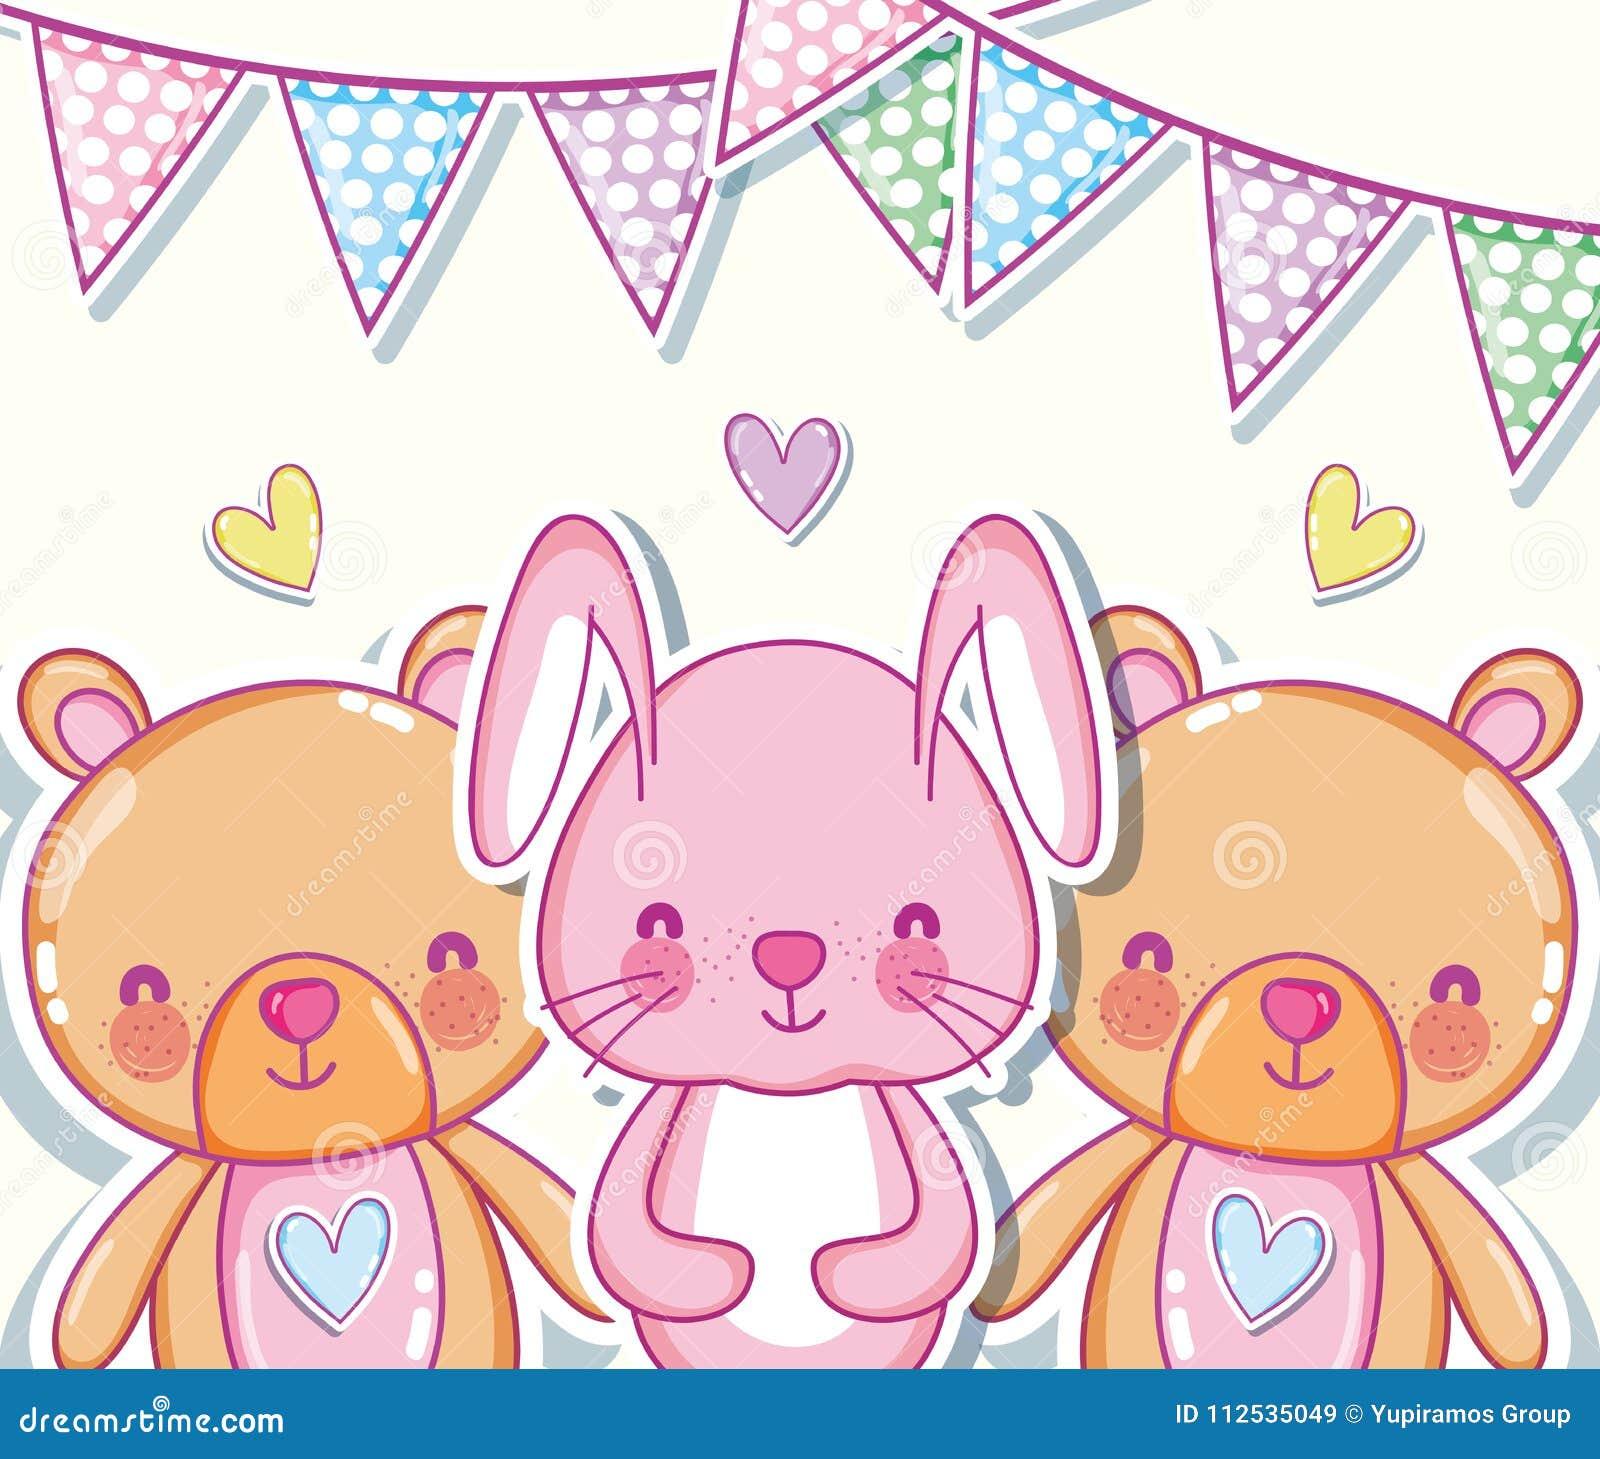 Desenhos Animados Bonitos Do Coelho E Dos Ursos Ilustracao Do Vetor Ilustracao De Animados Ursos 112535049